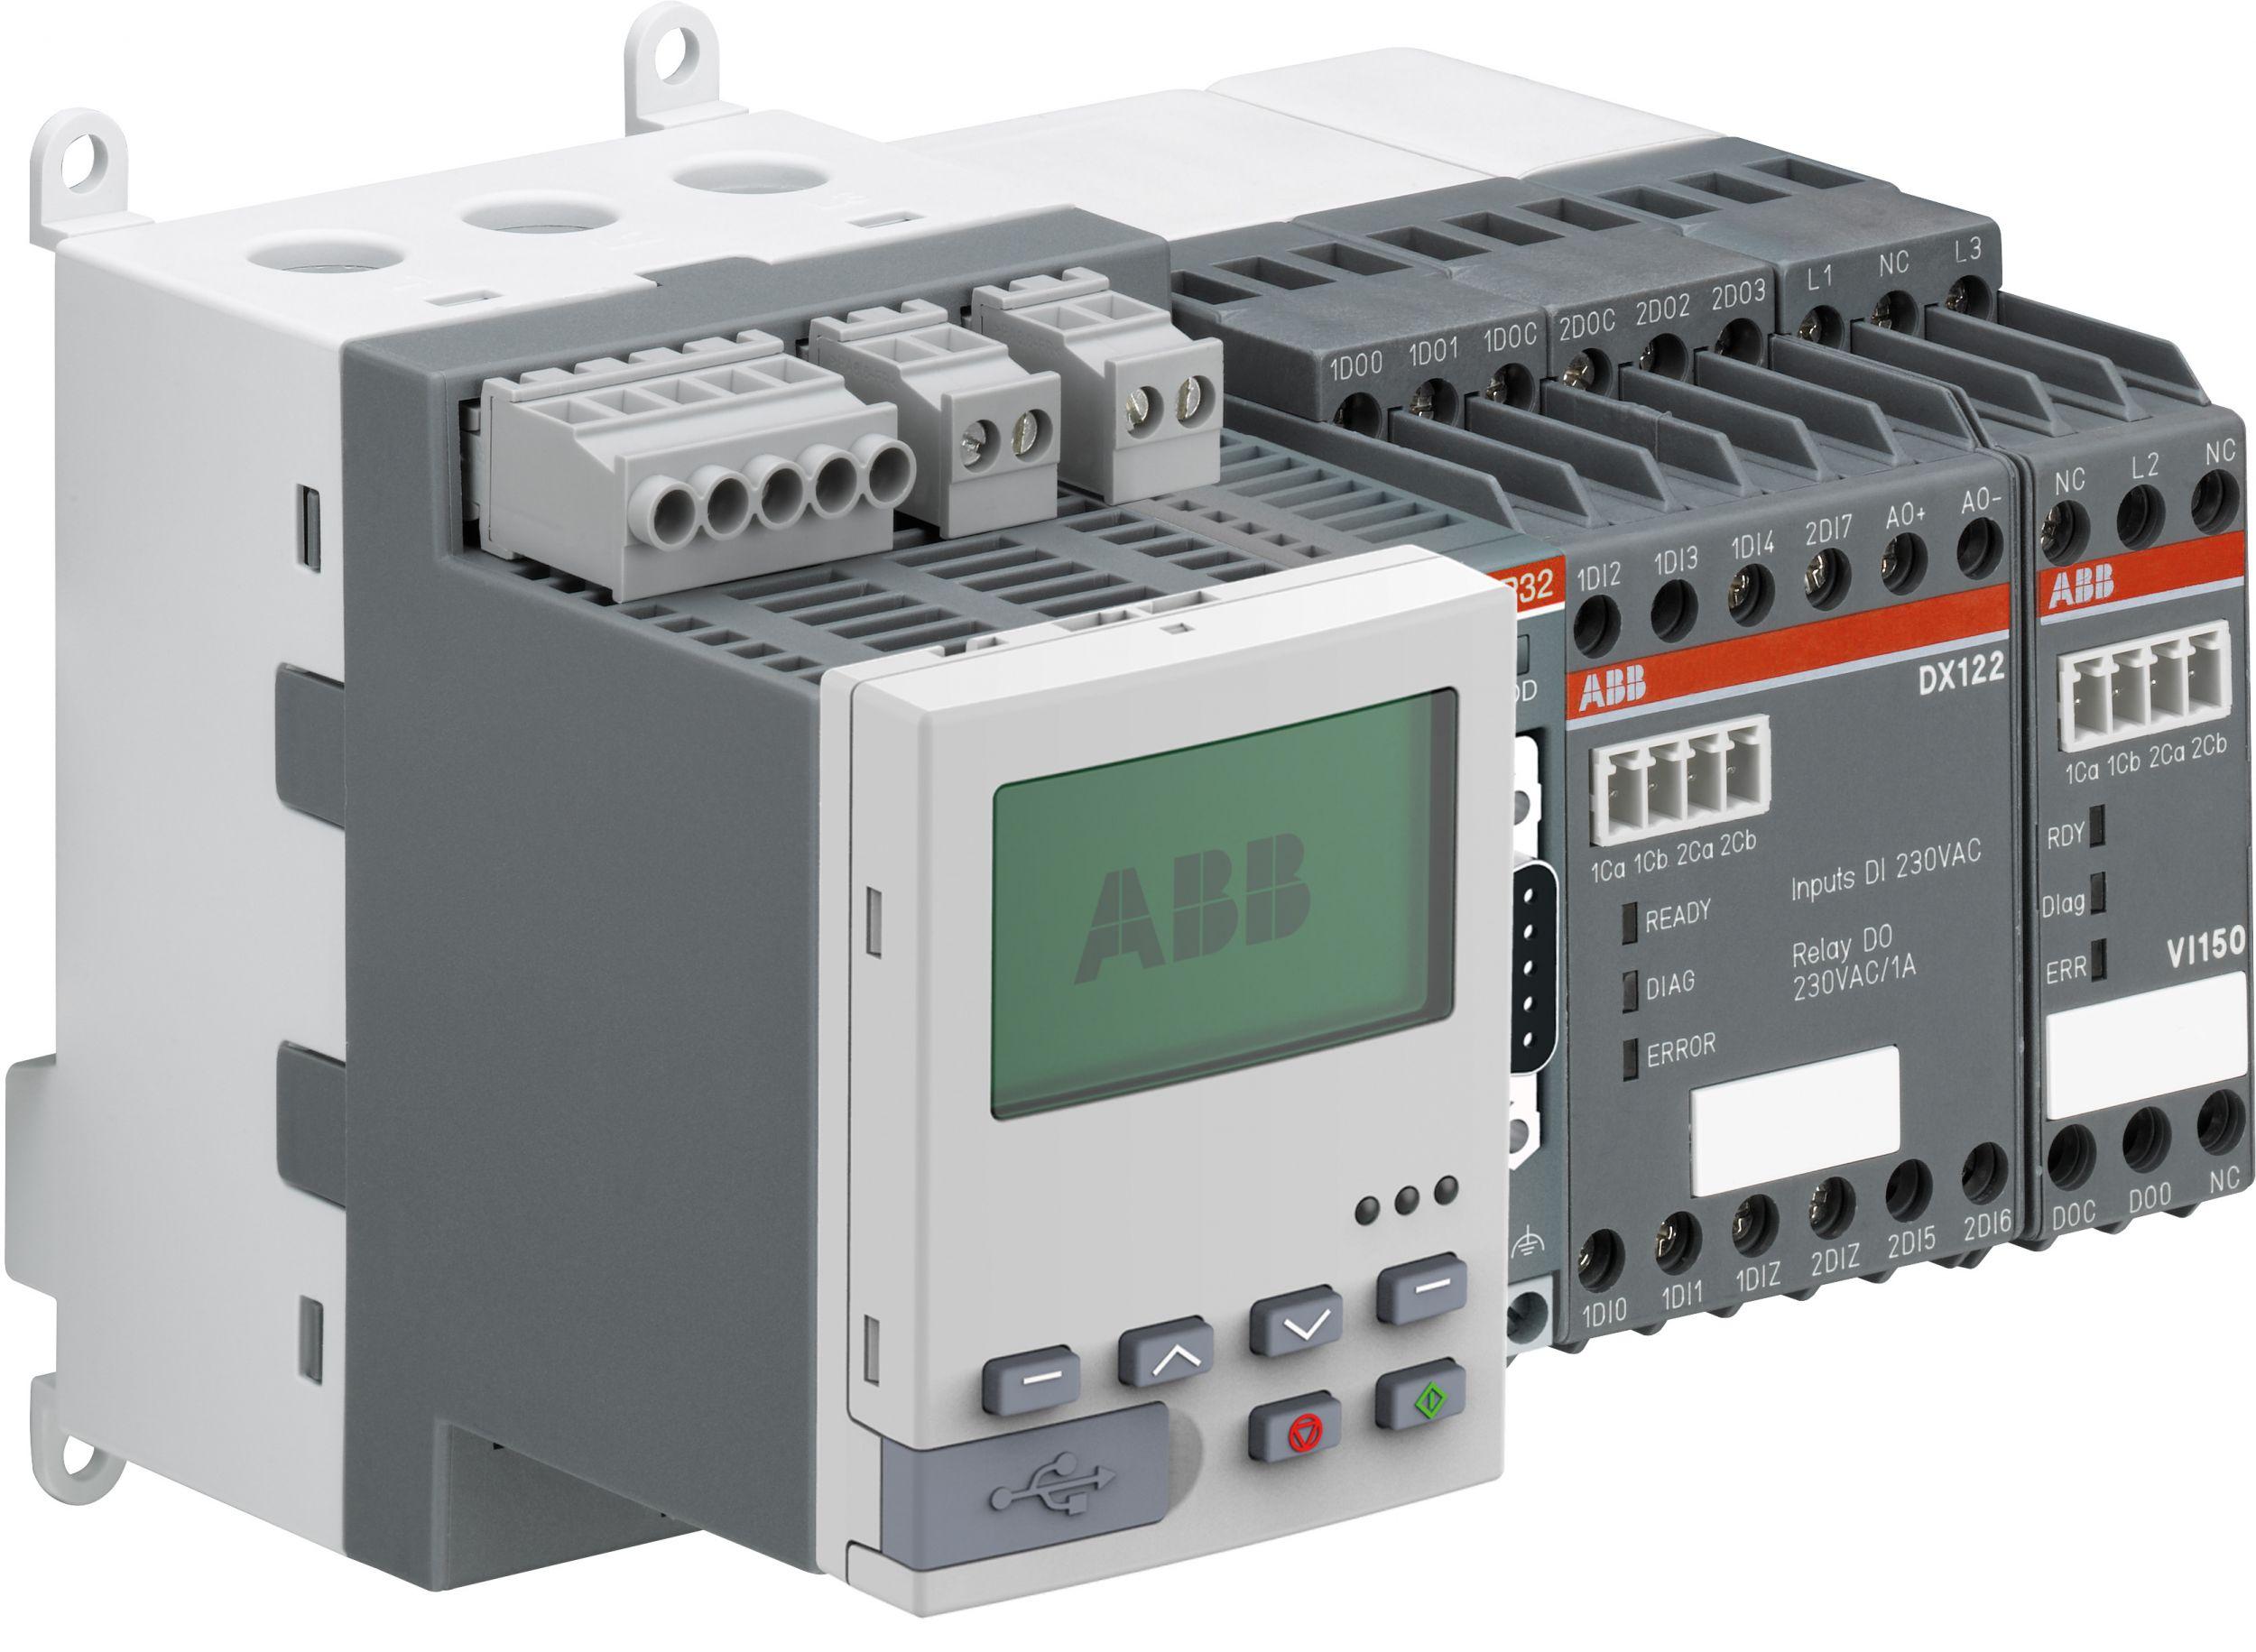 Der Universal Motor Controller UMC100.3 ist in der Prozessindustrie weit verbreitet und ermöglicht einen sicheren und zuverlässigen Betrieb von Niederspannungsmotoren. (Bild: ABB Stotz-Kontakt GmbH)